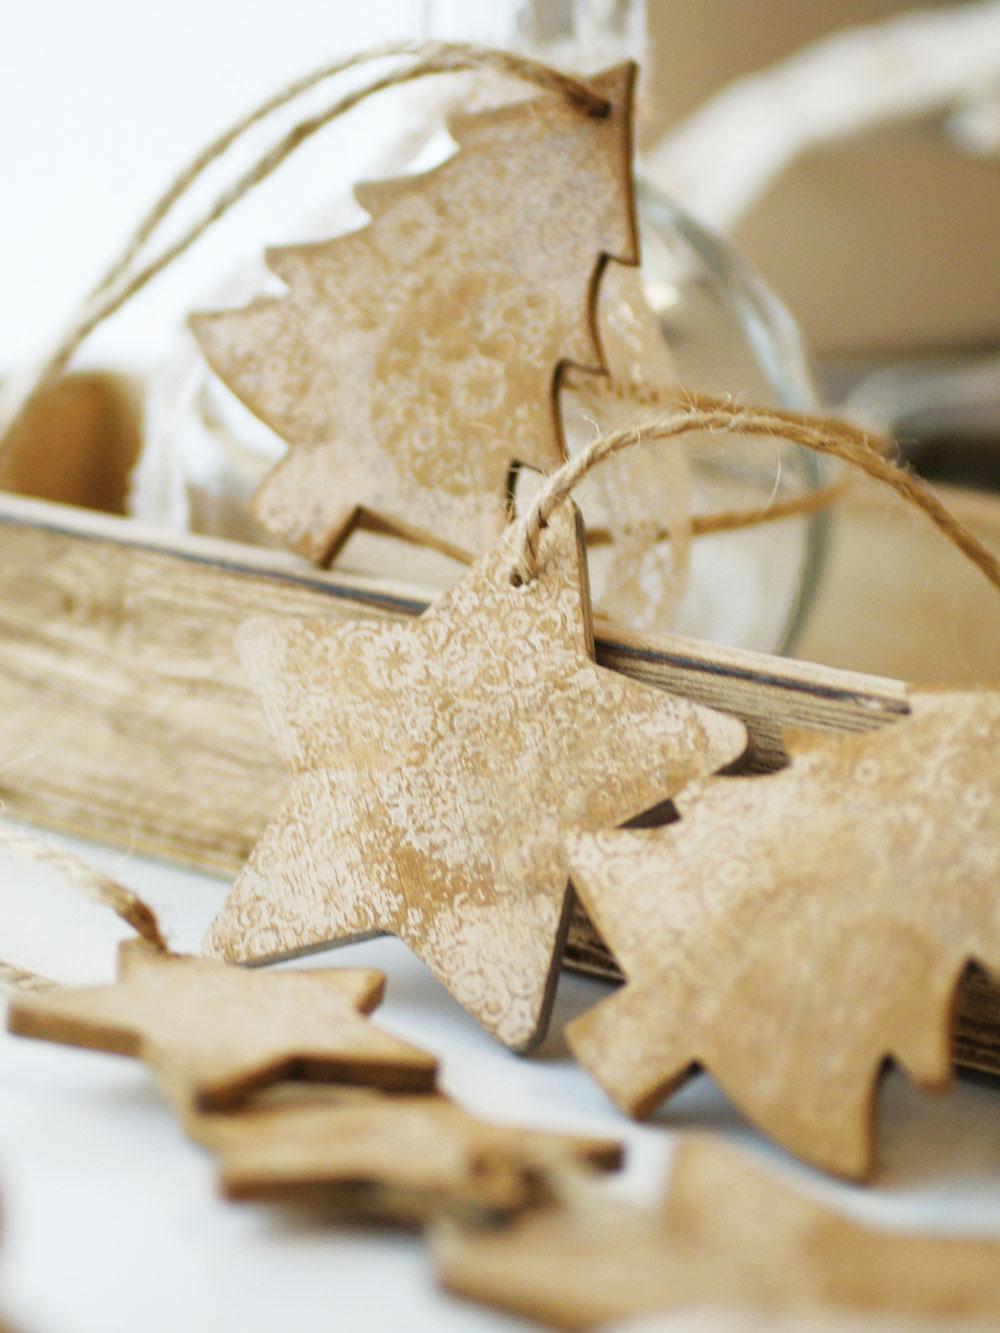 """Stromčeky môžu byť aj jednoduchou dekoráciou vyrobenou zdrevenej preglejky. Ručne maľované ozdoby sjutovým špagátom možno zavesiť na """"veľký"""" stromček, na stenu alebo do okna. Hľadajte na www.sashe.sk/Elart."""